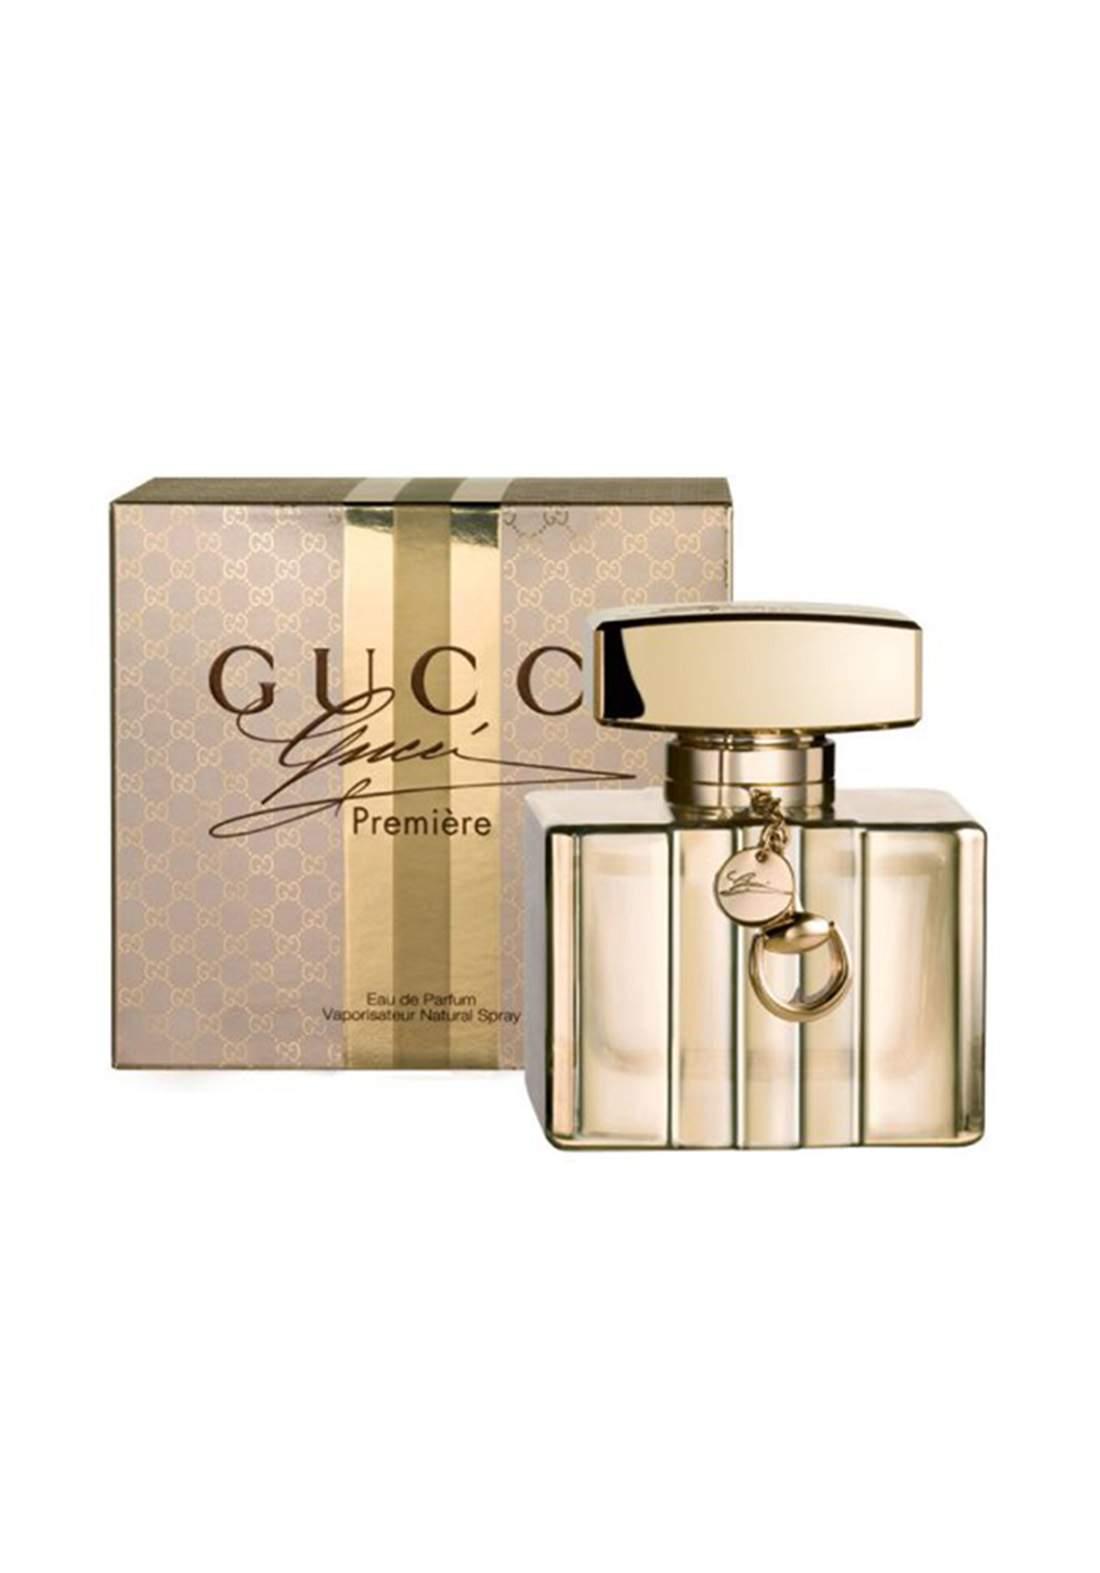 Gucci Premiere Gold for Women Eau de Parfum 75ml عطر نسائي